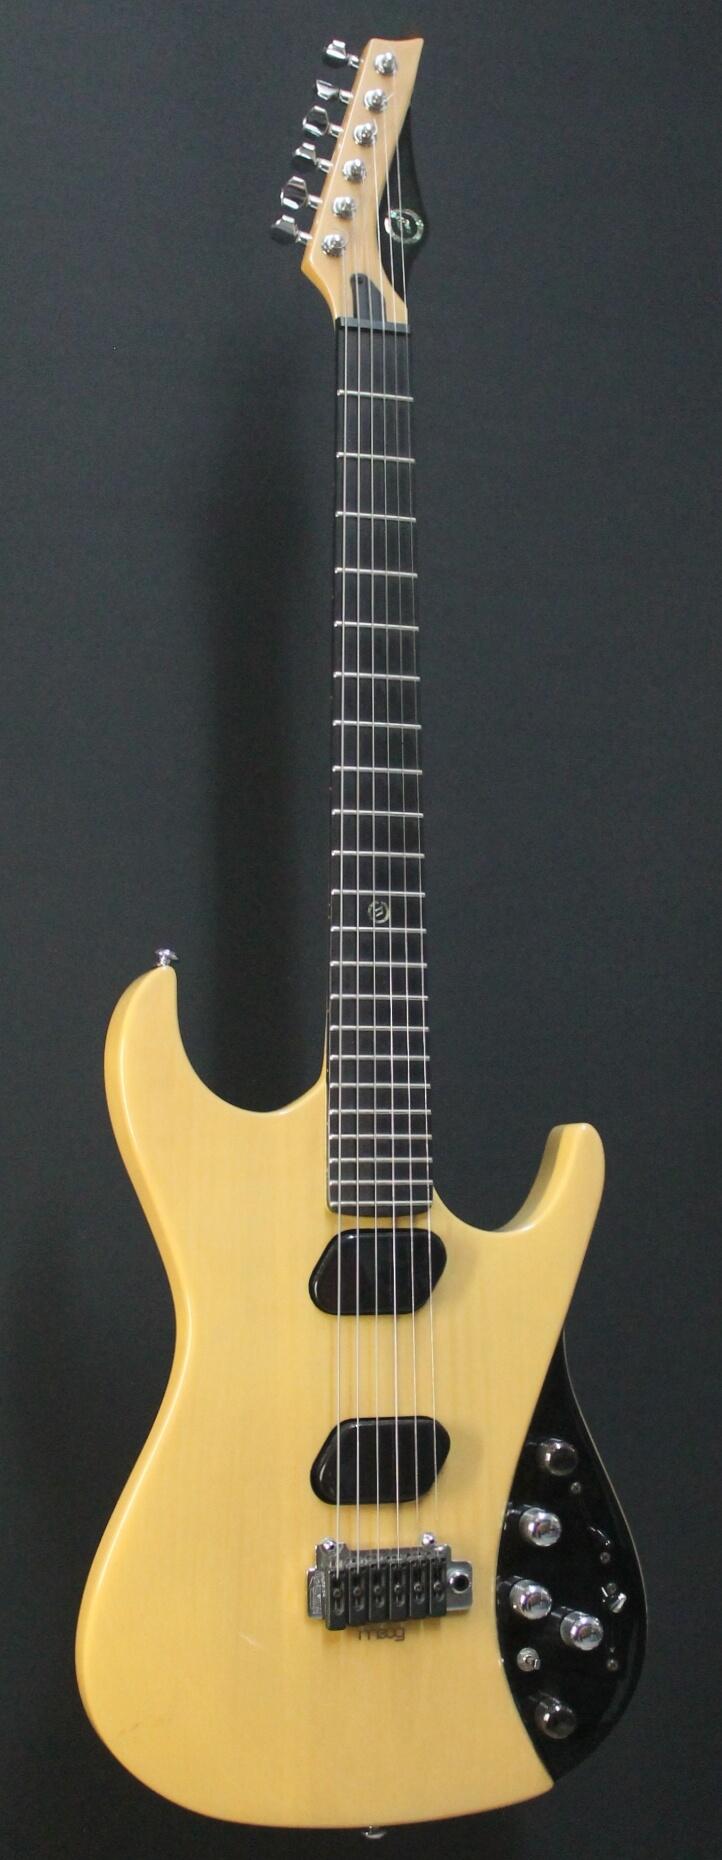 Moog guitar e1